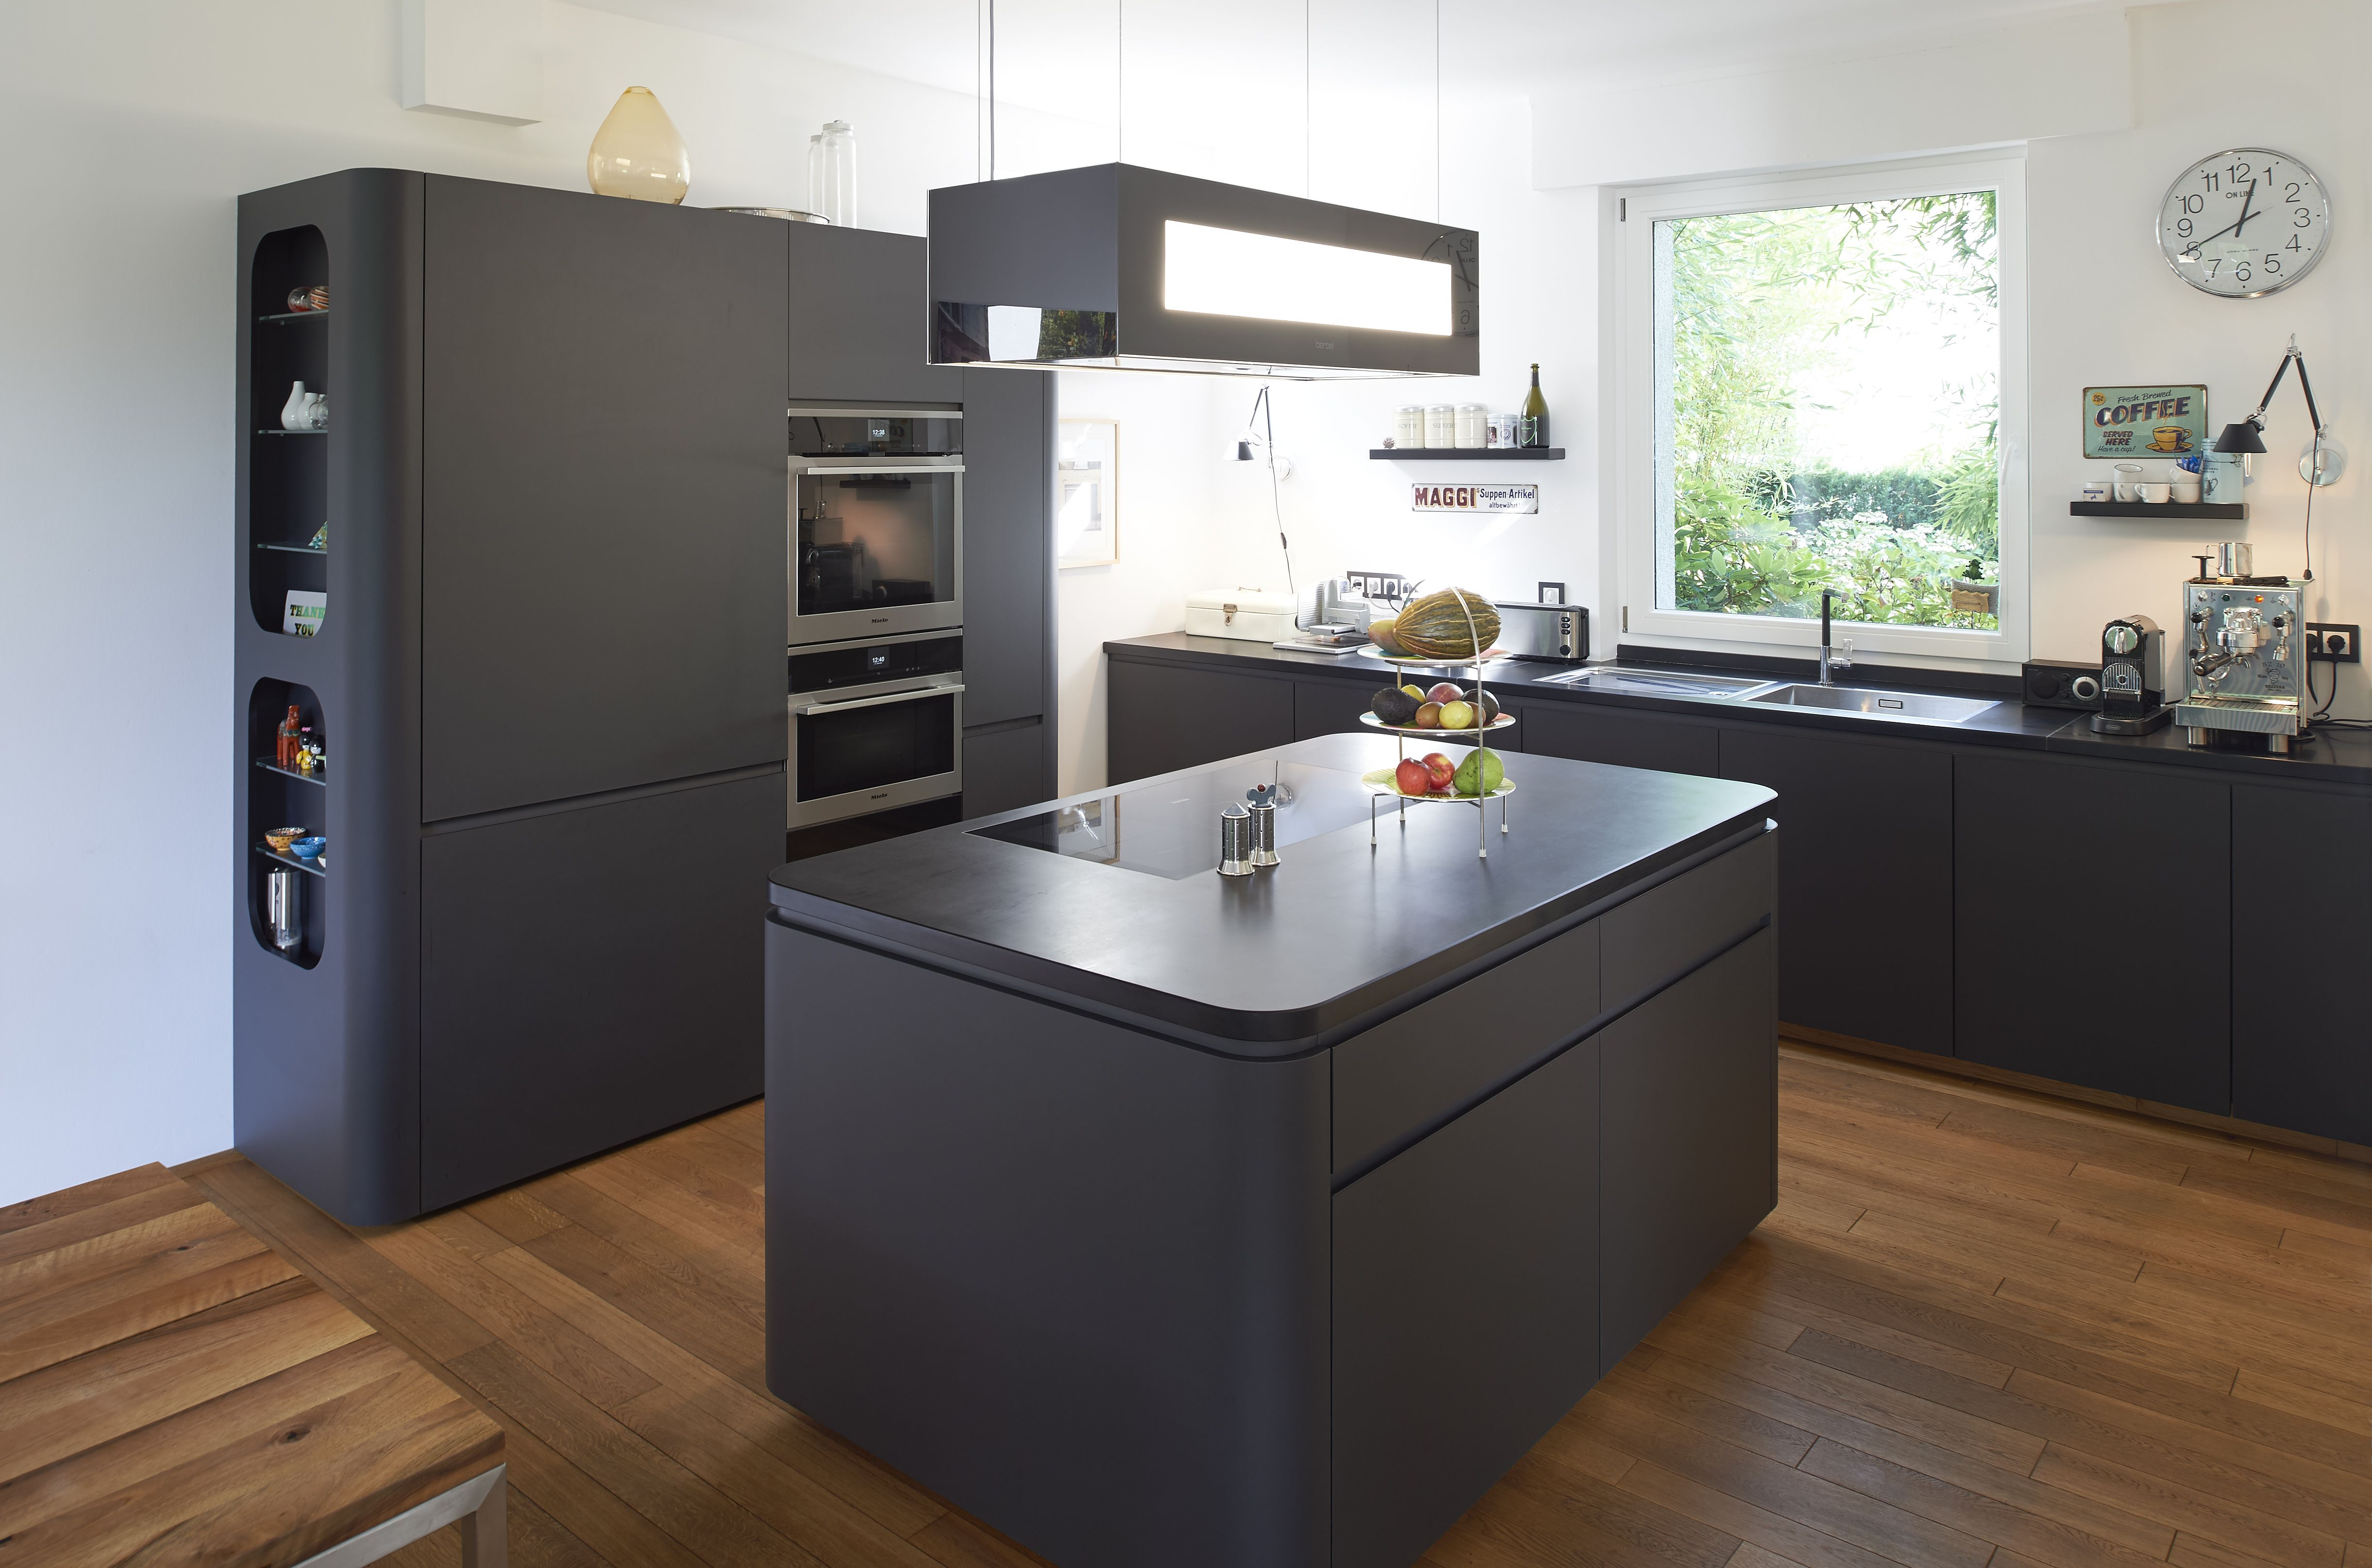 Ein Traum in schwarz! Wer hätte gedacht, dass eine schwarze Küche so ...